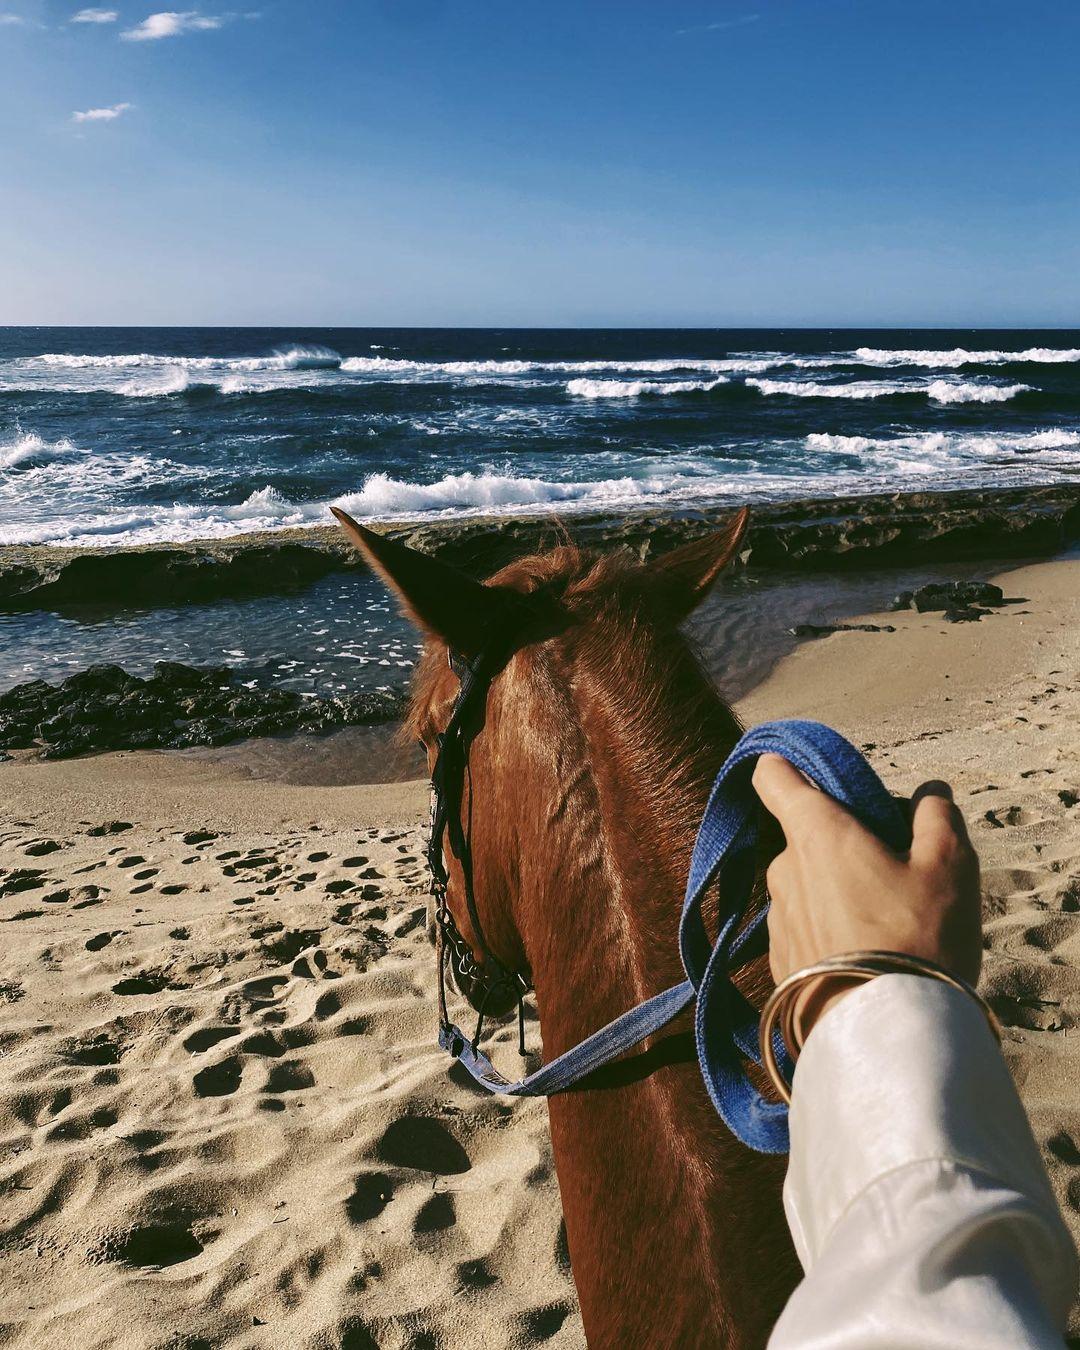 Прогулки на лошадях и местные кафе: Алла Костромичева проводит время в Пуэрто-Рико